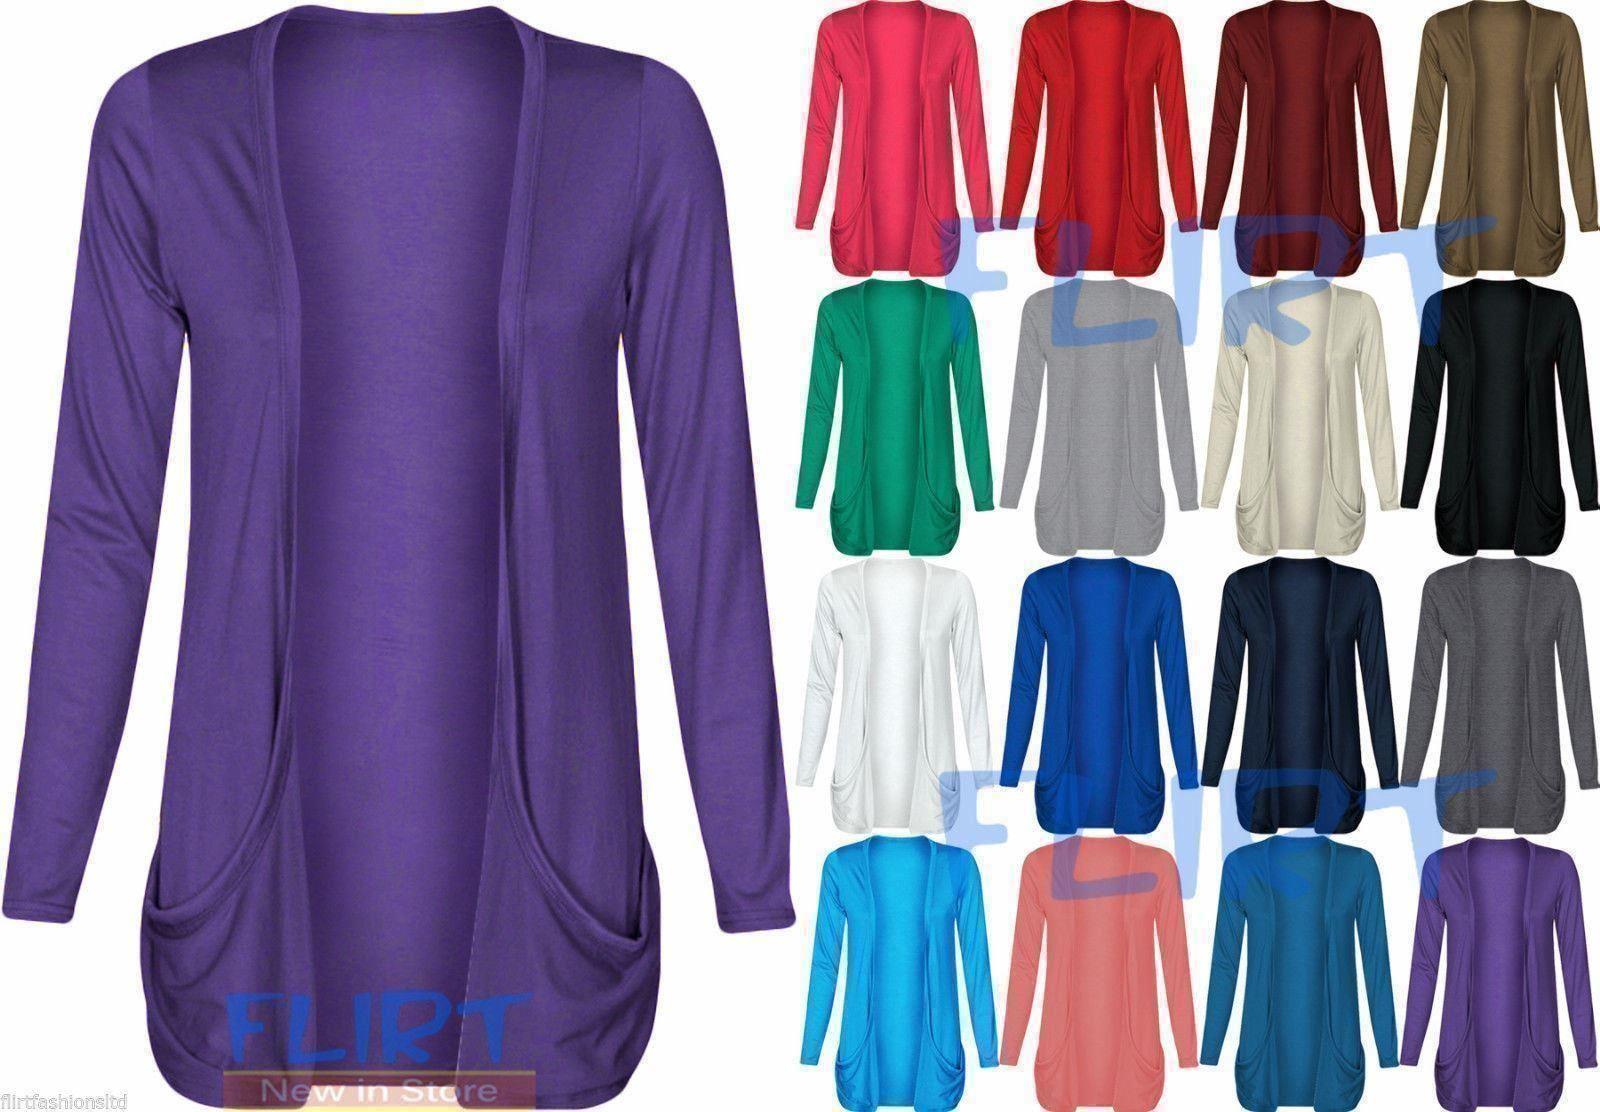 Femme-Plus-Taille-Drop-poche-Boyfriend-Ouvert-Cardigan-Tops-manches-longues-Casual miniature 4